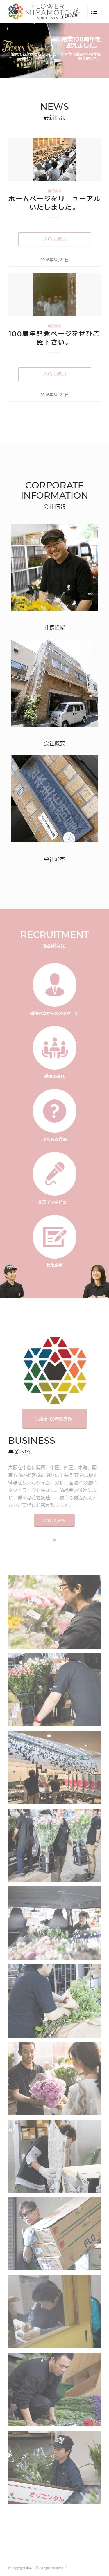 大阪市 株式会社宮本生花様 ホームページ制作3